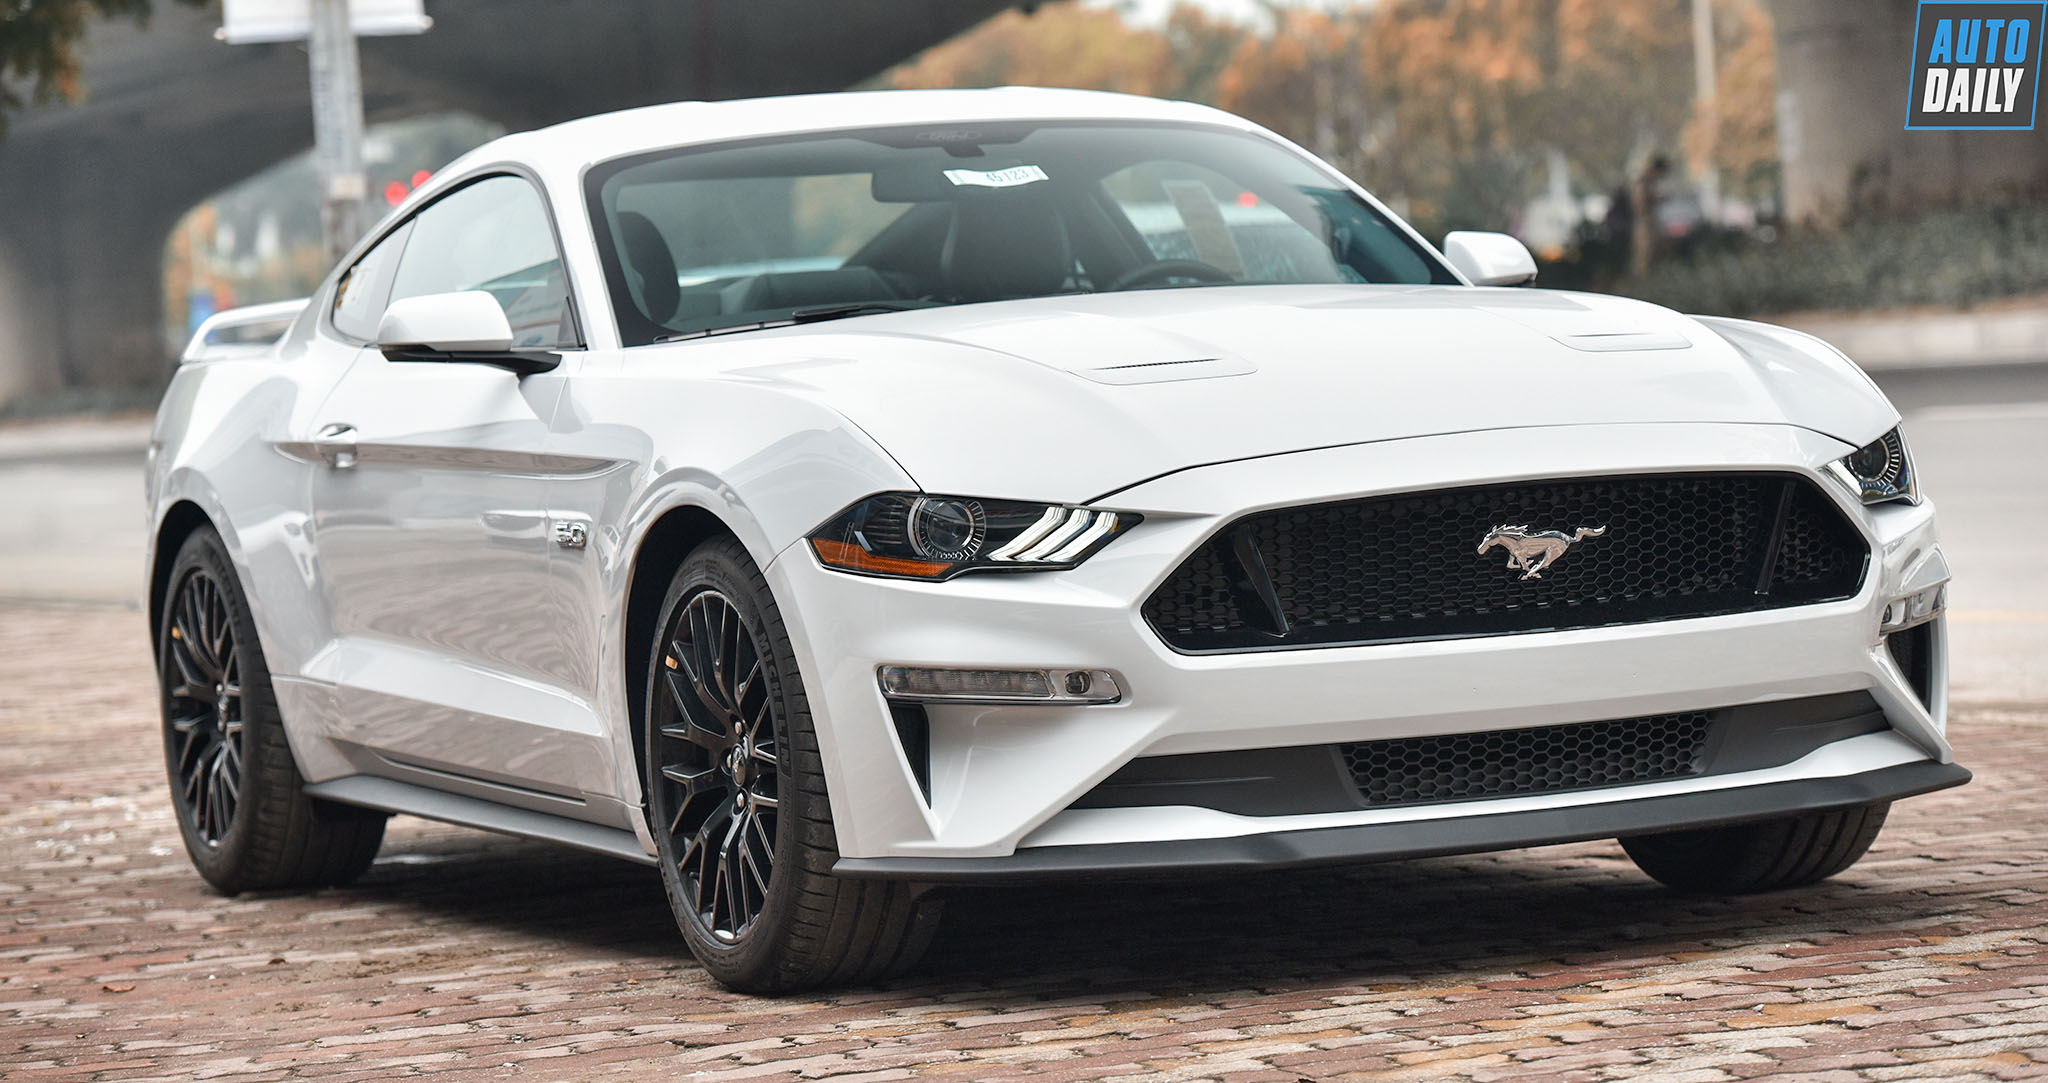 Ford Mustang GT 2019 mạnh 460 mã lực về Việt Nam, giá 4,4 tỷ